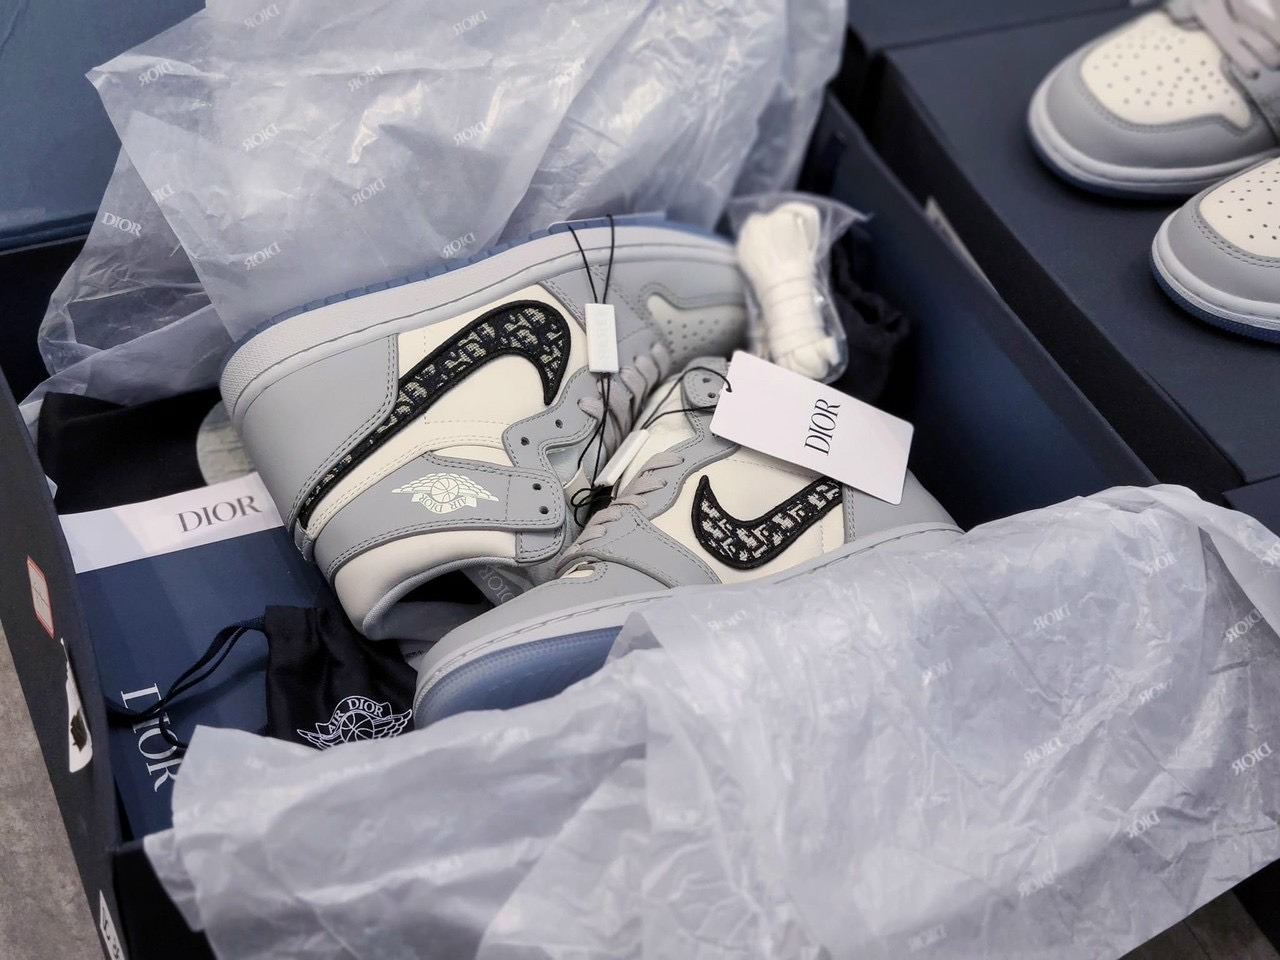 giày nike air jordan 1 high dior cao cổ like auth